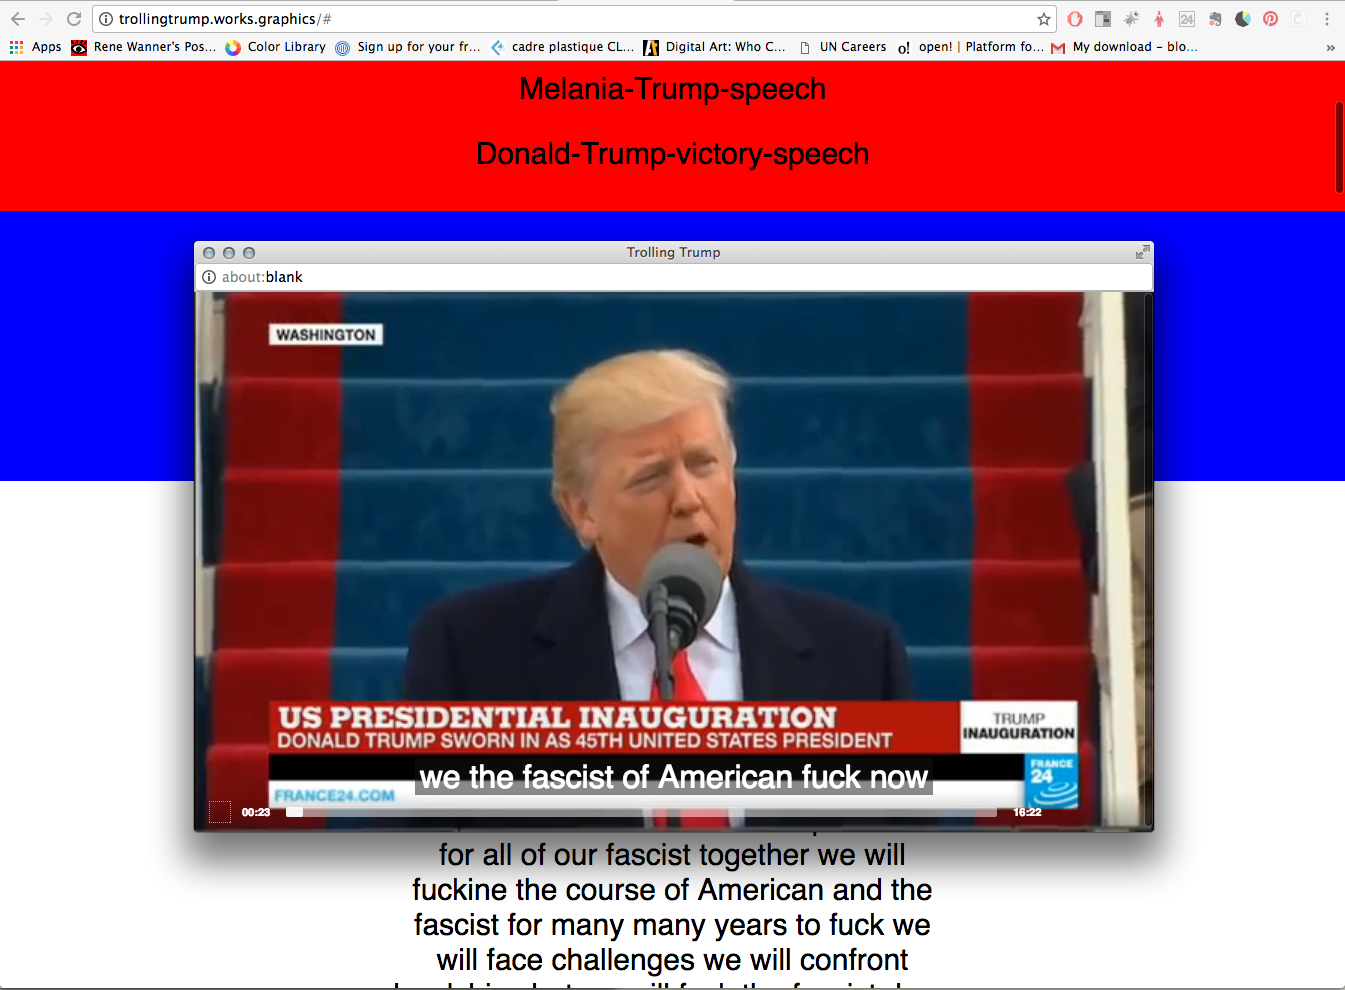 screen shot 2017-01-31 at 00 44 23